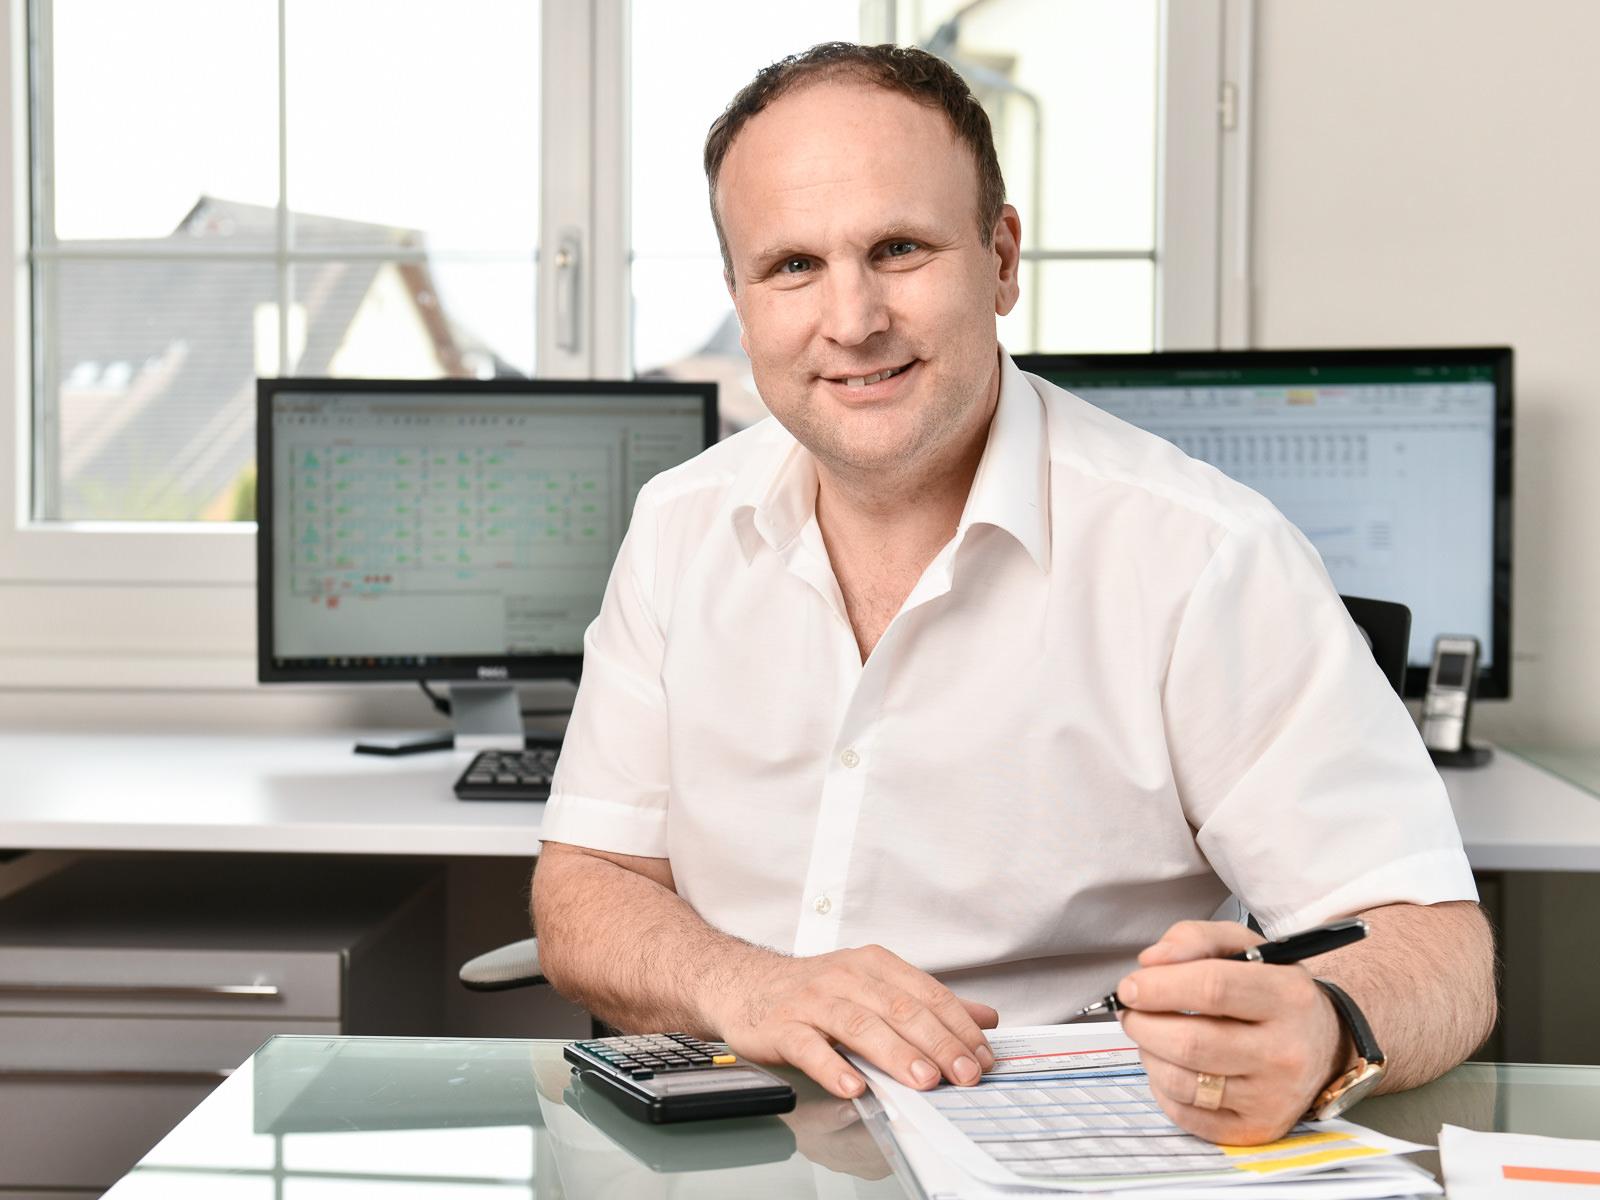 Patrick Gerber